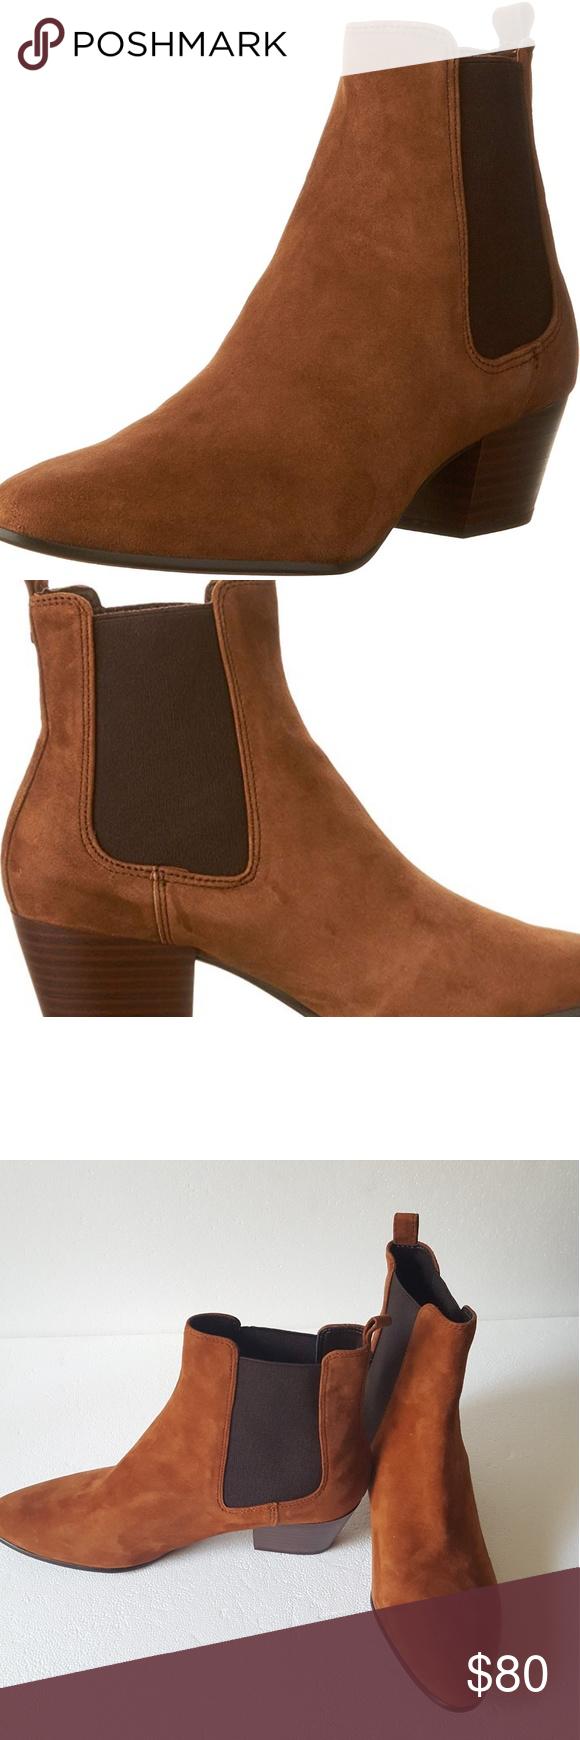 fdd1df824 Spotted while shopping on Poshmark  Sam Edelman Reesa Ankle bootie!   poshmark  fashion  shopping  style  Sam Edelman  Shoes